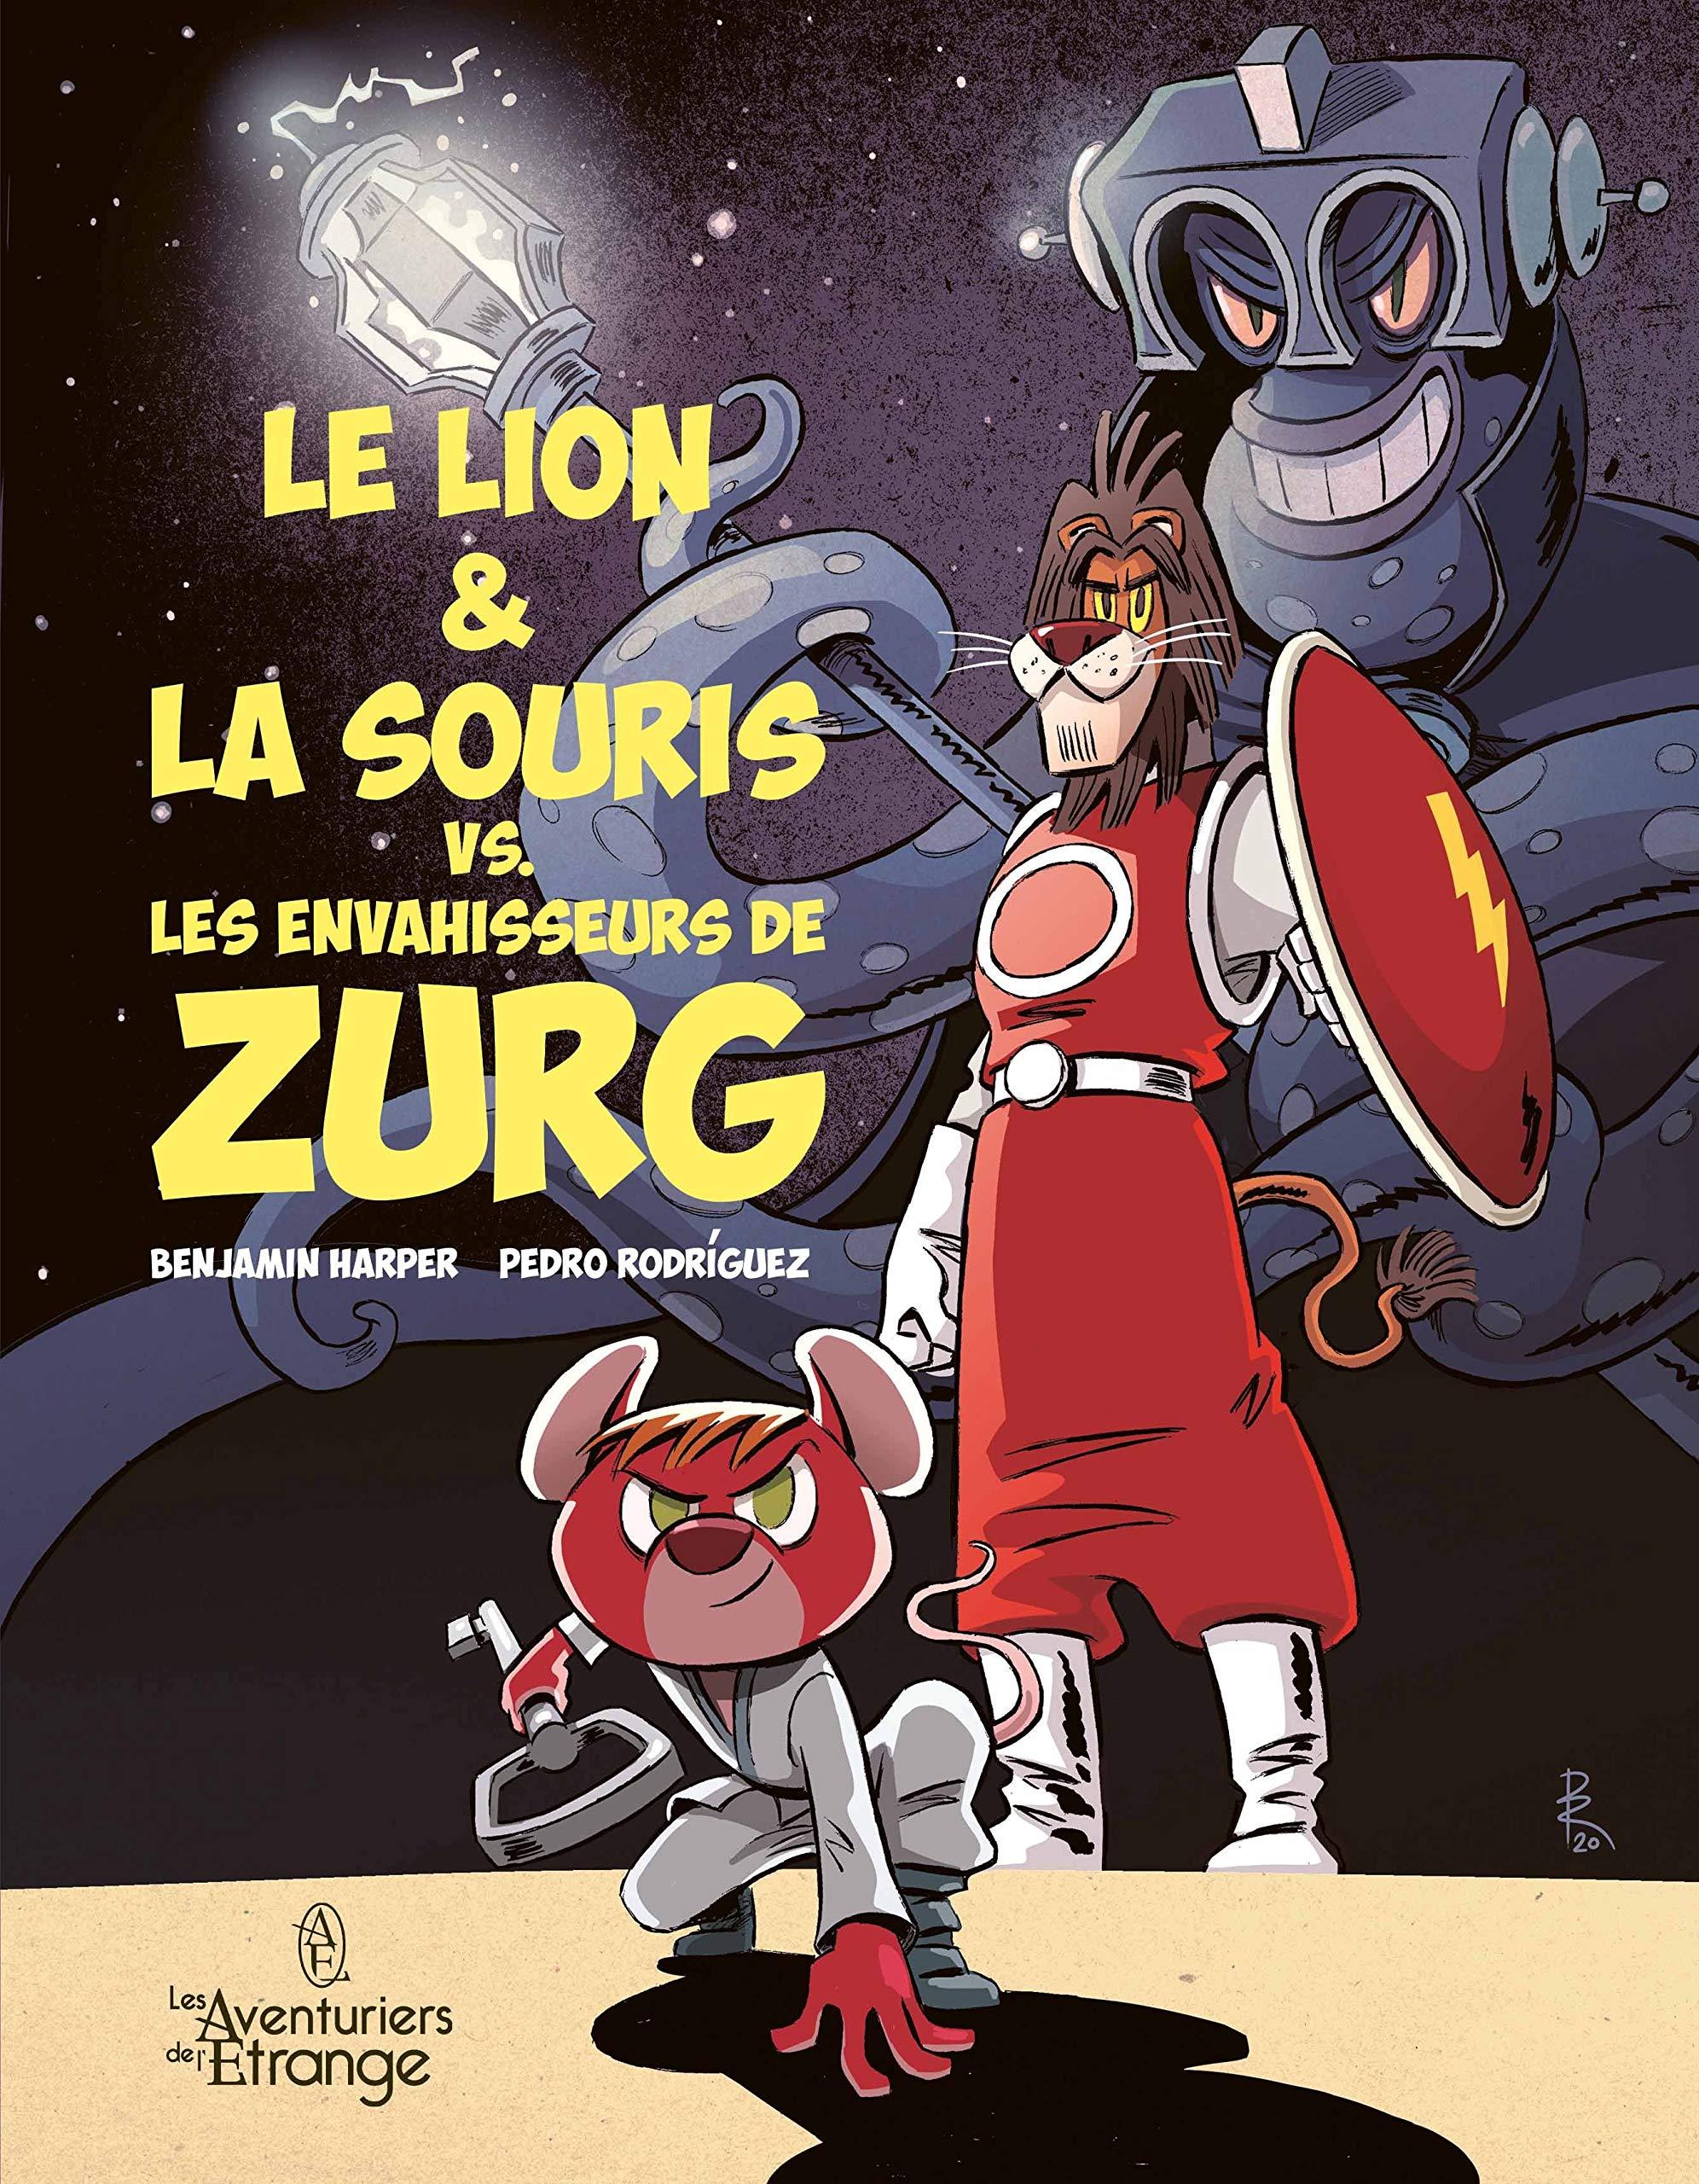 Le lion & la souris vs. les envahisseurs de Zurg 1